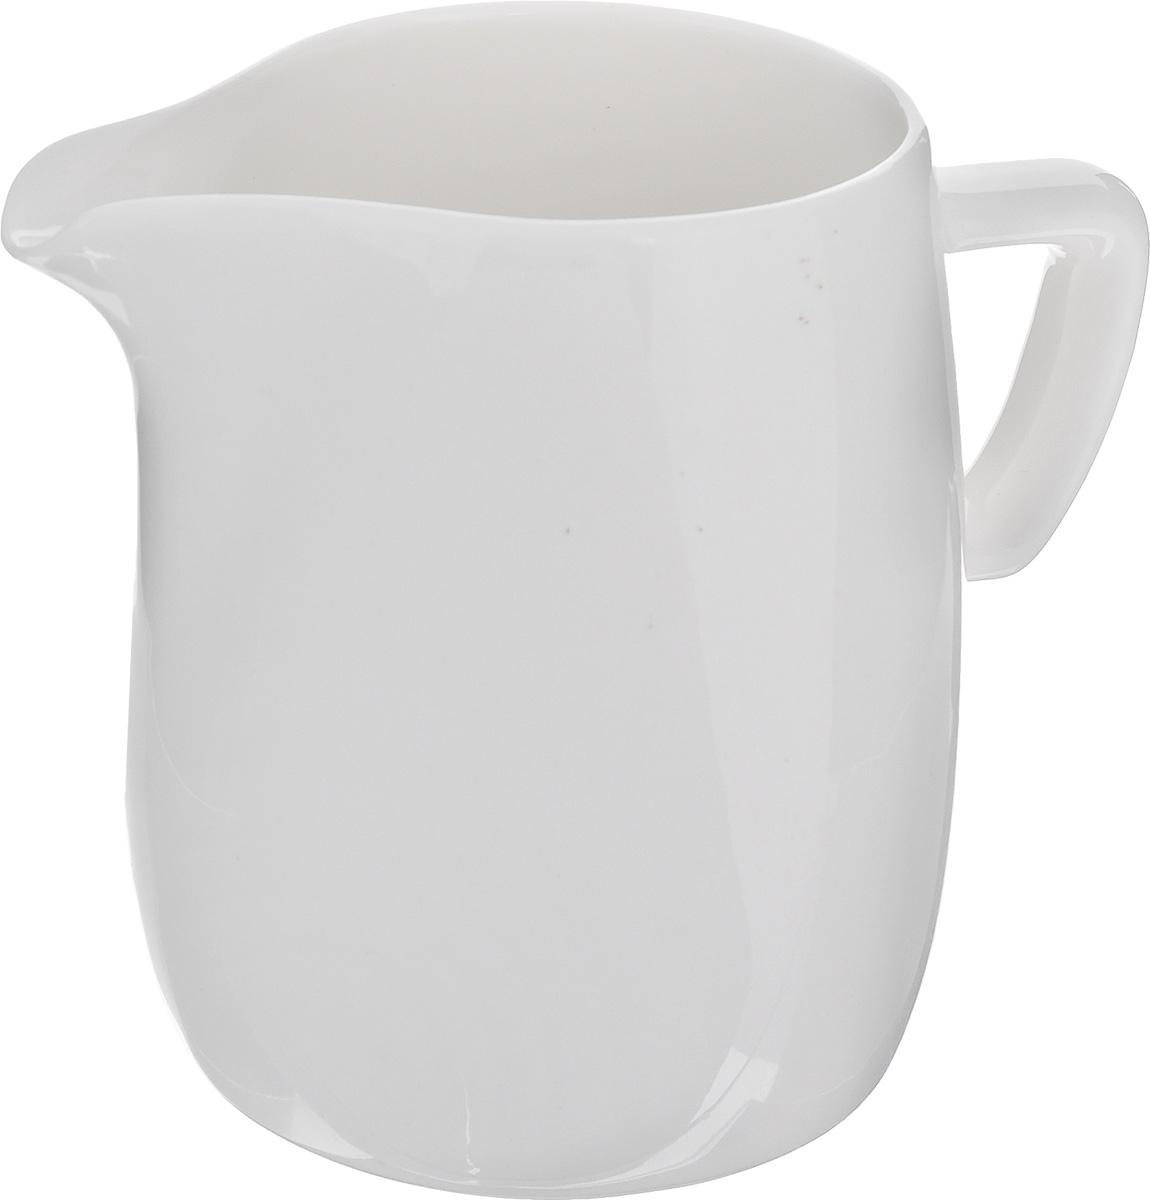 Сливочник Tescoma Crema, 250 мл387150Сливочник Tescoma Crema выполнен из высококачественного фарфора. Эксклюзивный дизайн, эстетичность и функциональность сливочника сделает его незаменимым на любой кухне. Можно мыть в посудомоечной машине, использовать в микроволновой печи и морозильнике. Диаметр по верхнему краю (без учета носика): 6 см.